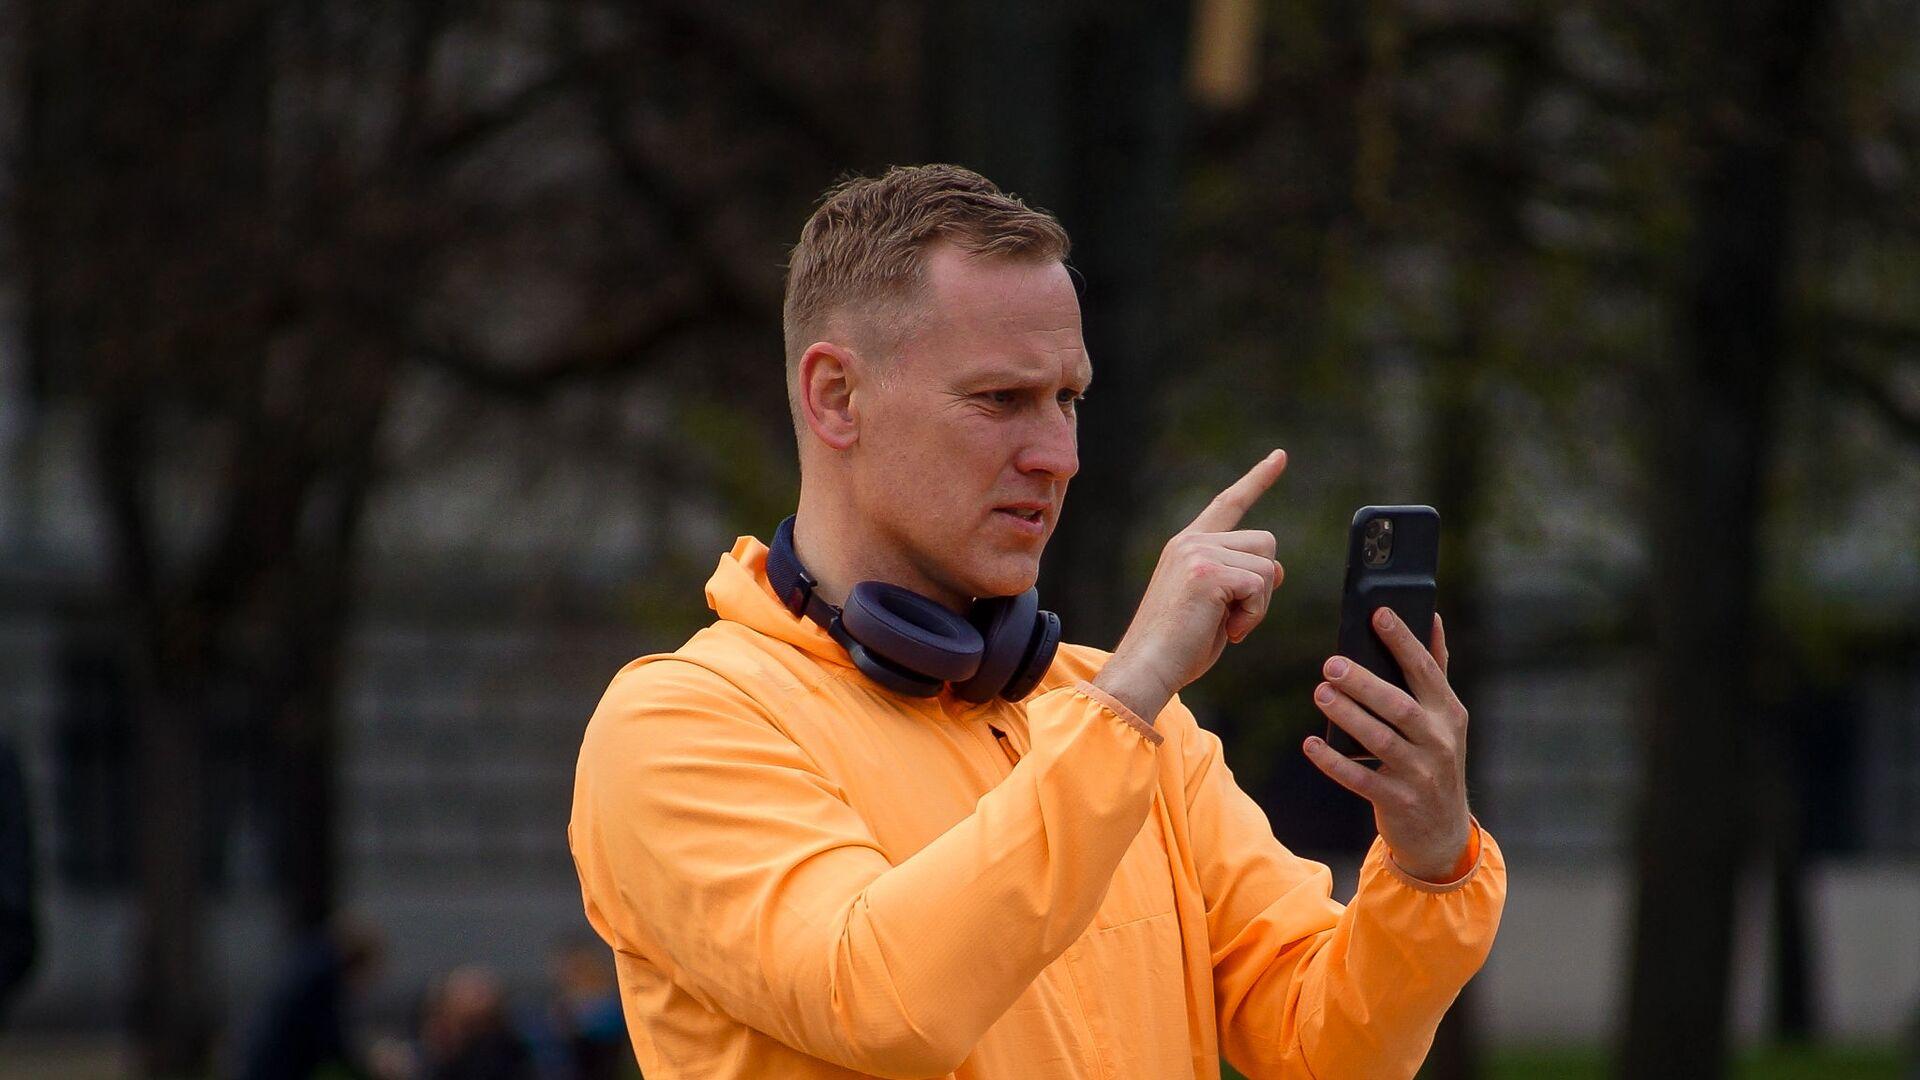 Алдис Гобземс пришел к памятнику Райнису погулять - Sputnik Латвия, 1920, 07.07.2021